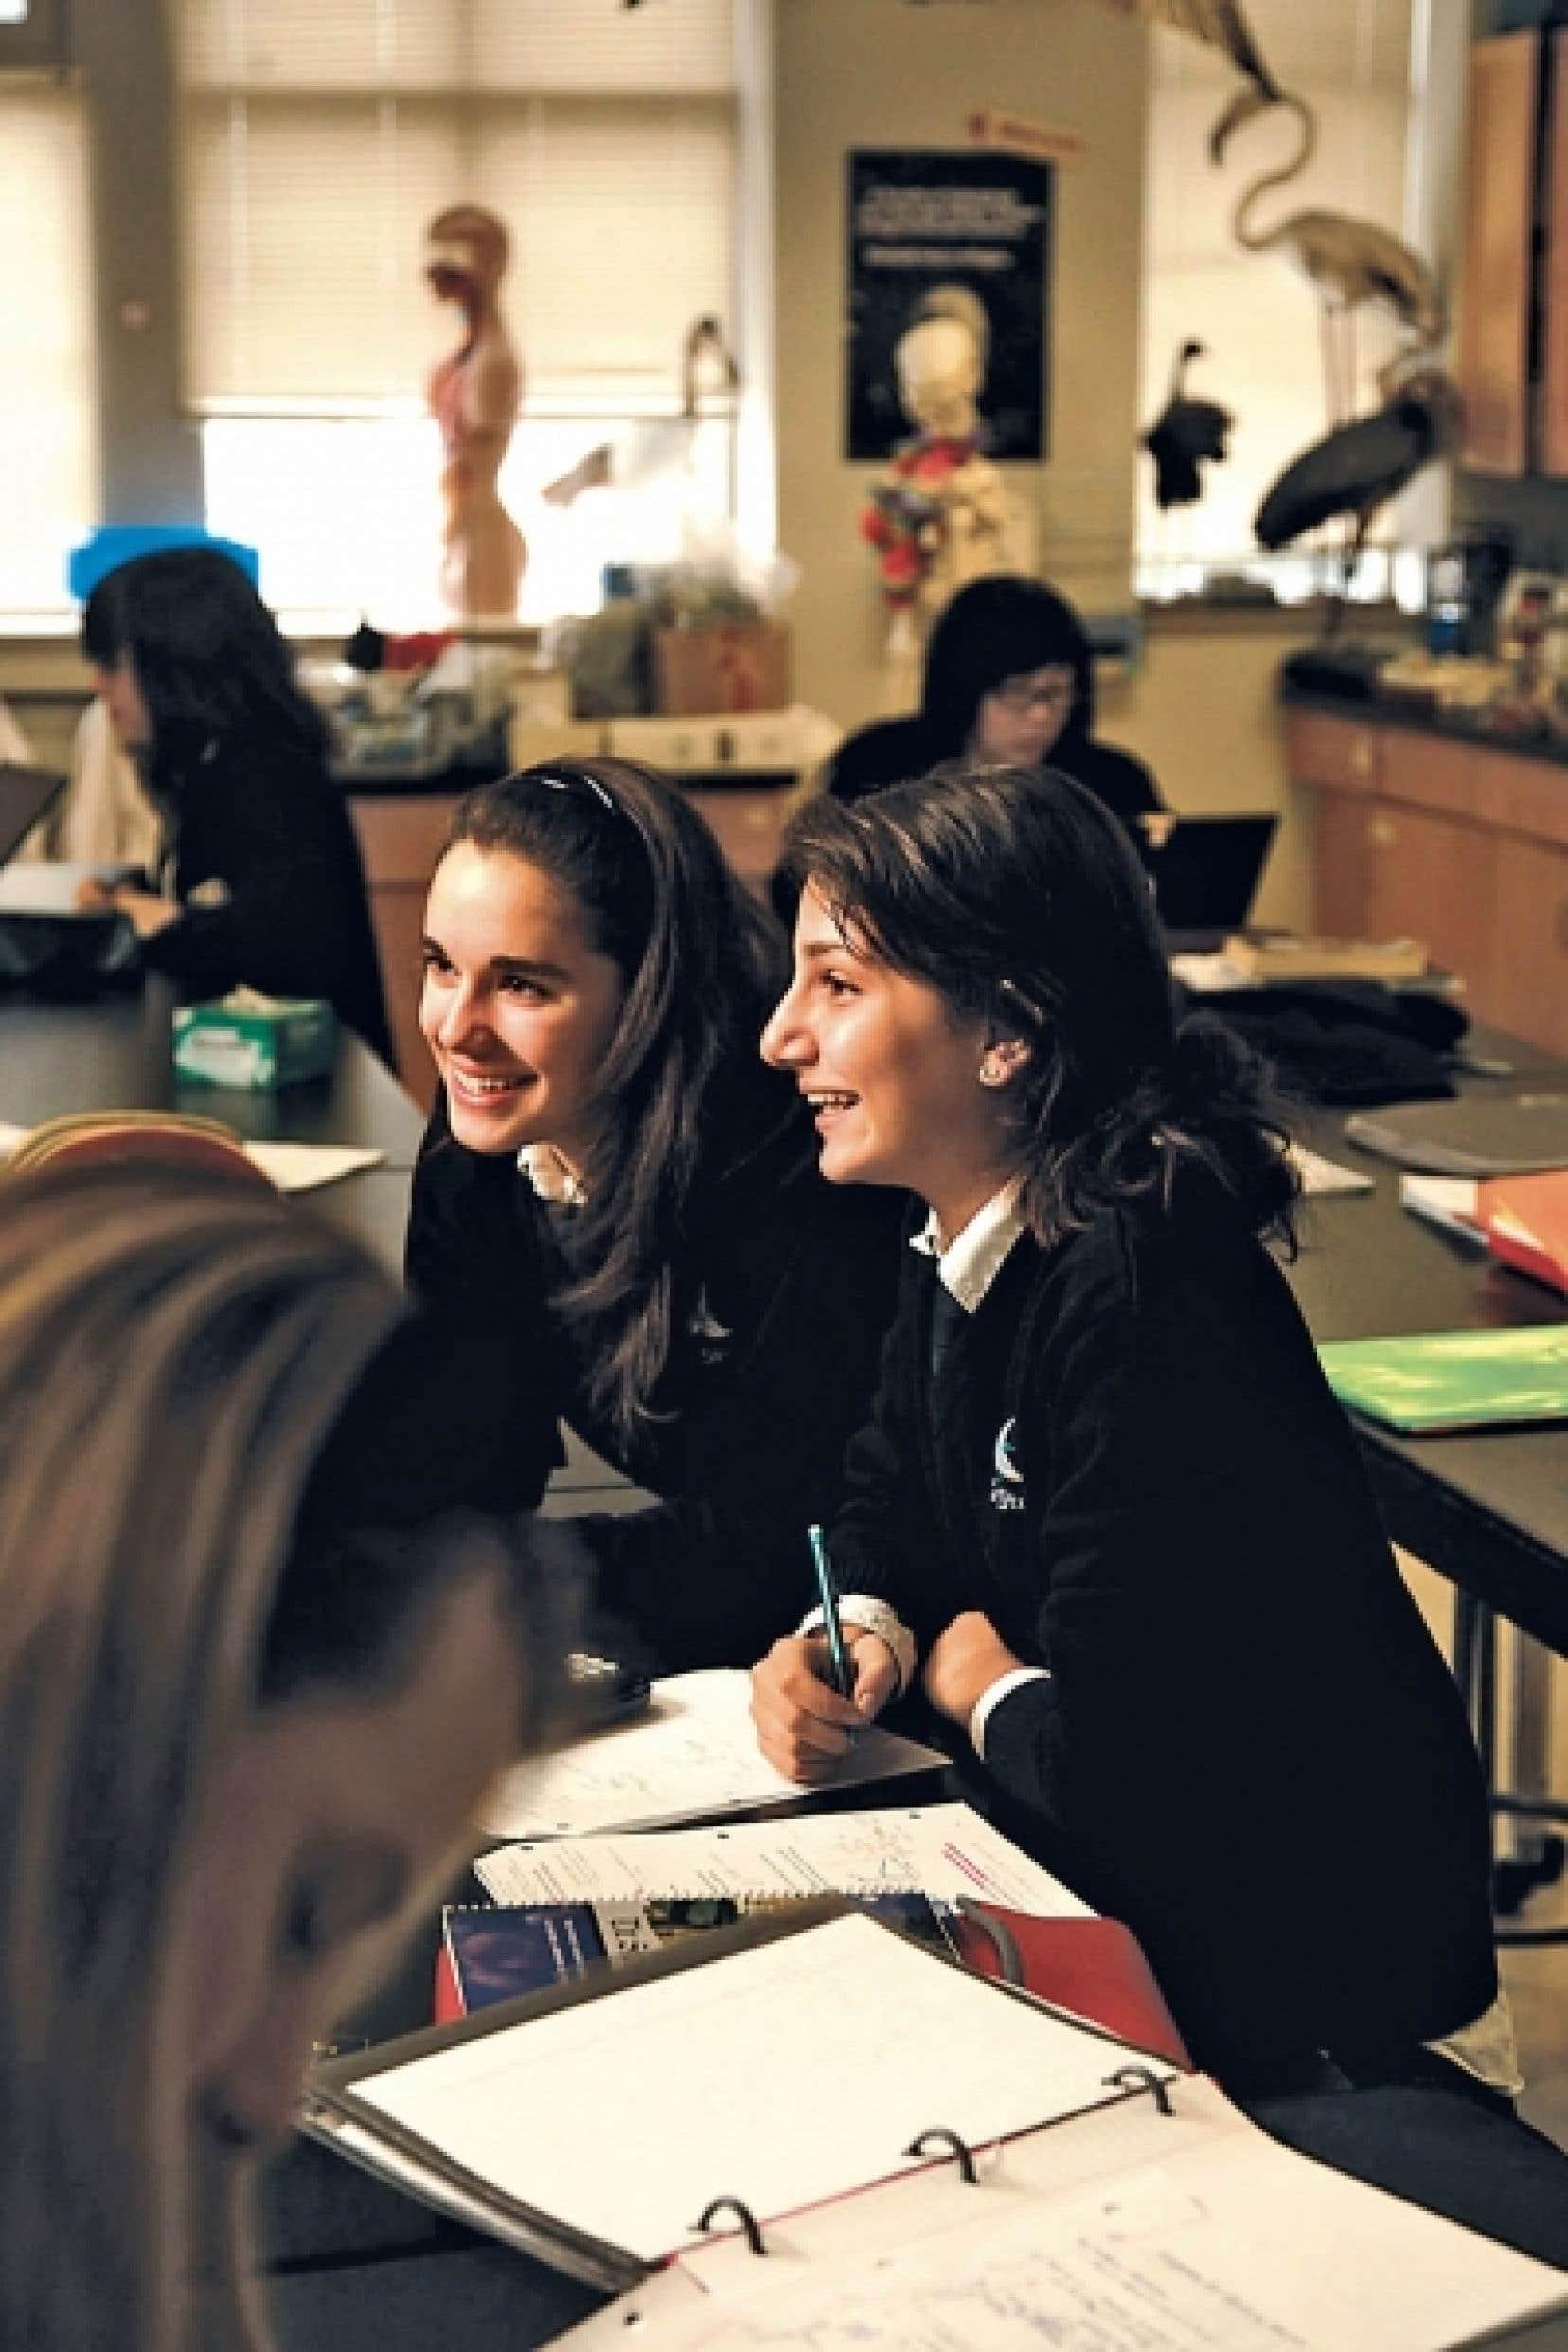 L'école The Study, à Westmount, est une école primaire et secondaire privée bilingue membre de l'Association des écoles privées du Québec.